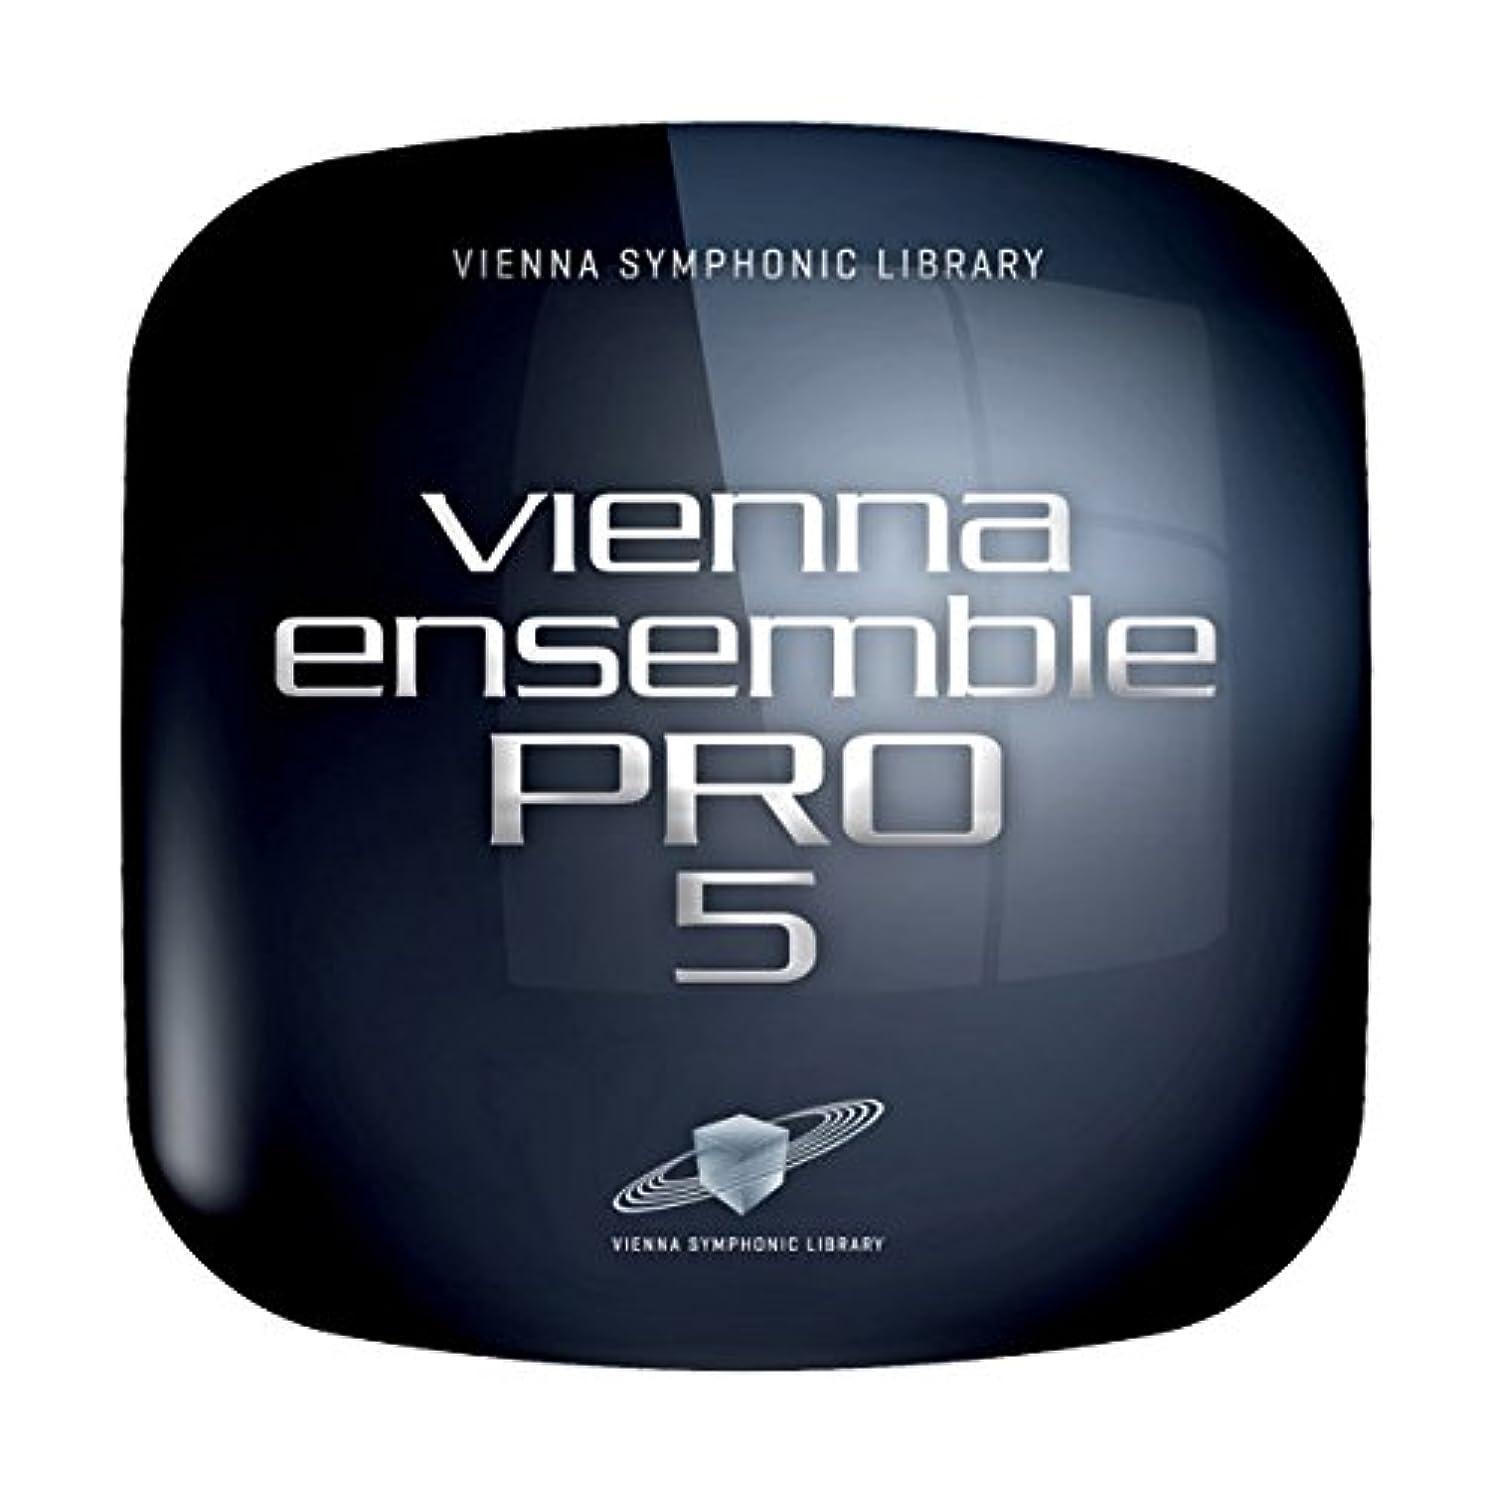 十分な心配するモチーフVIENNA ENSEMBLE PRO5 プラグインソフト (ビエナ) 国内正規品 ダウンロード版